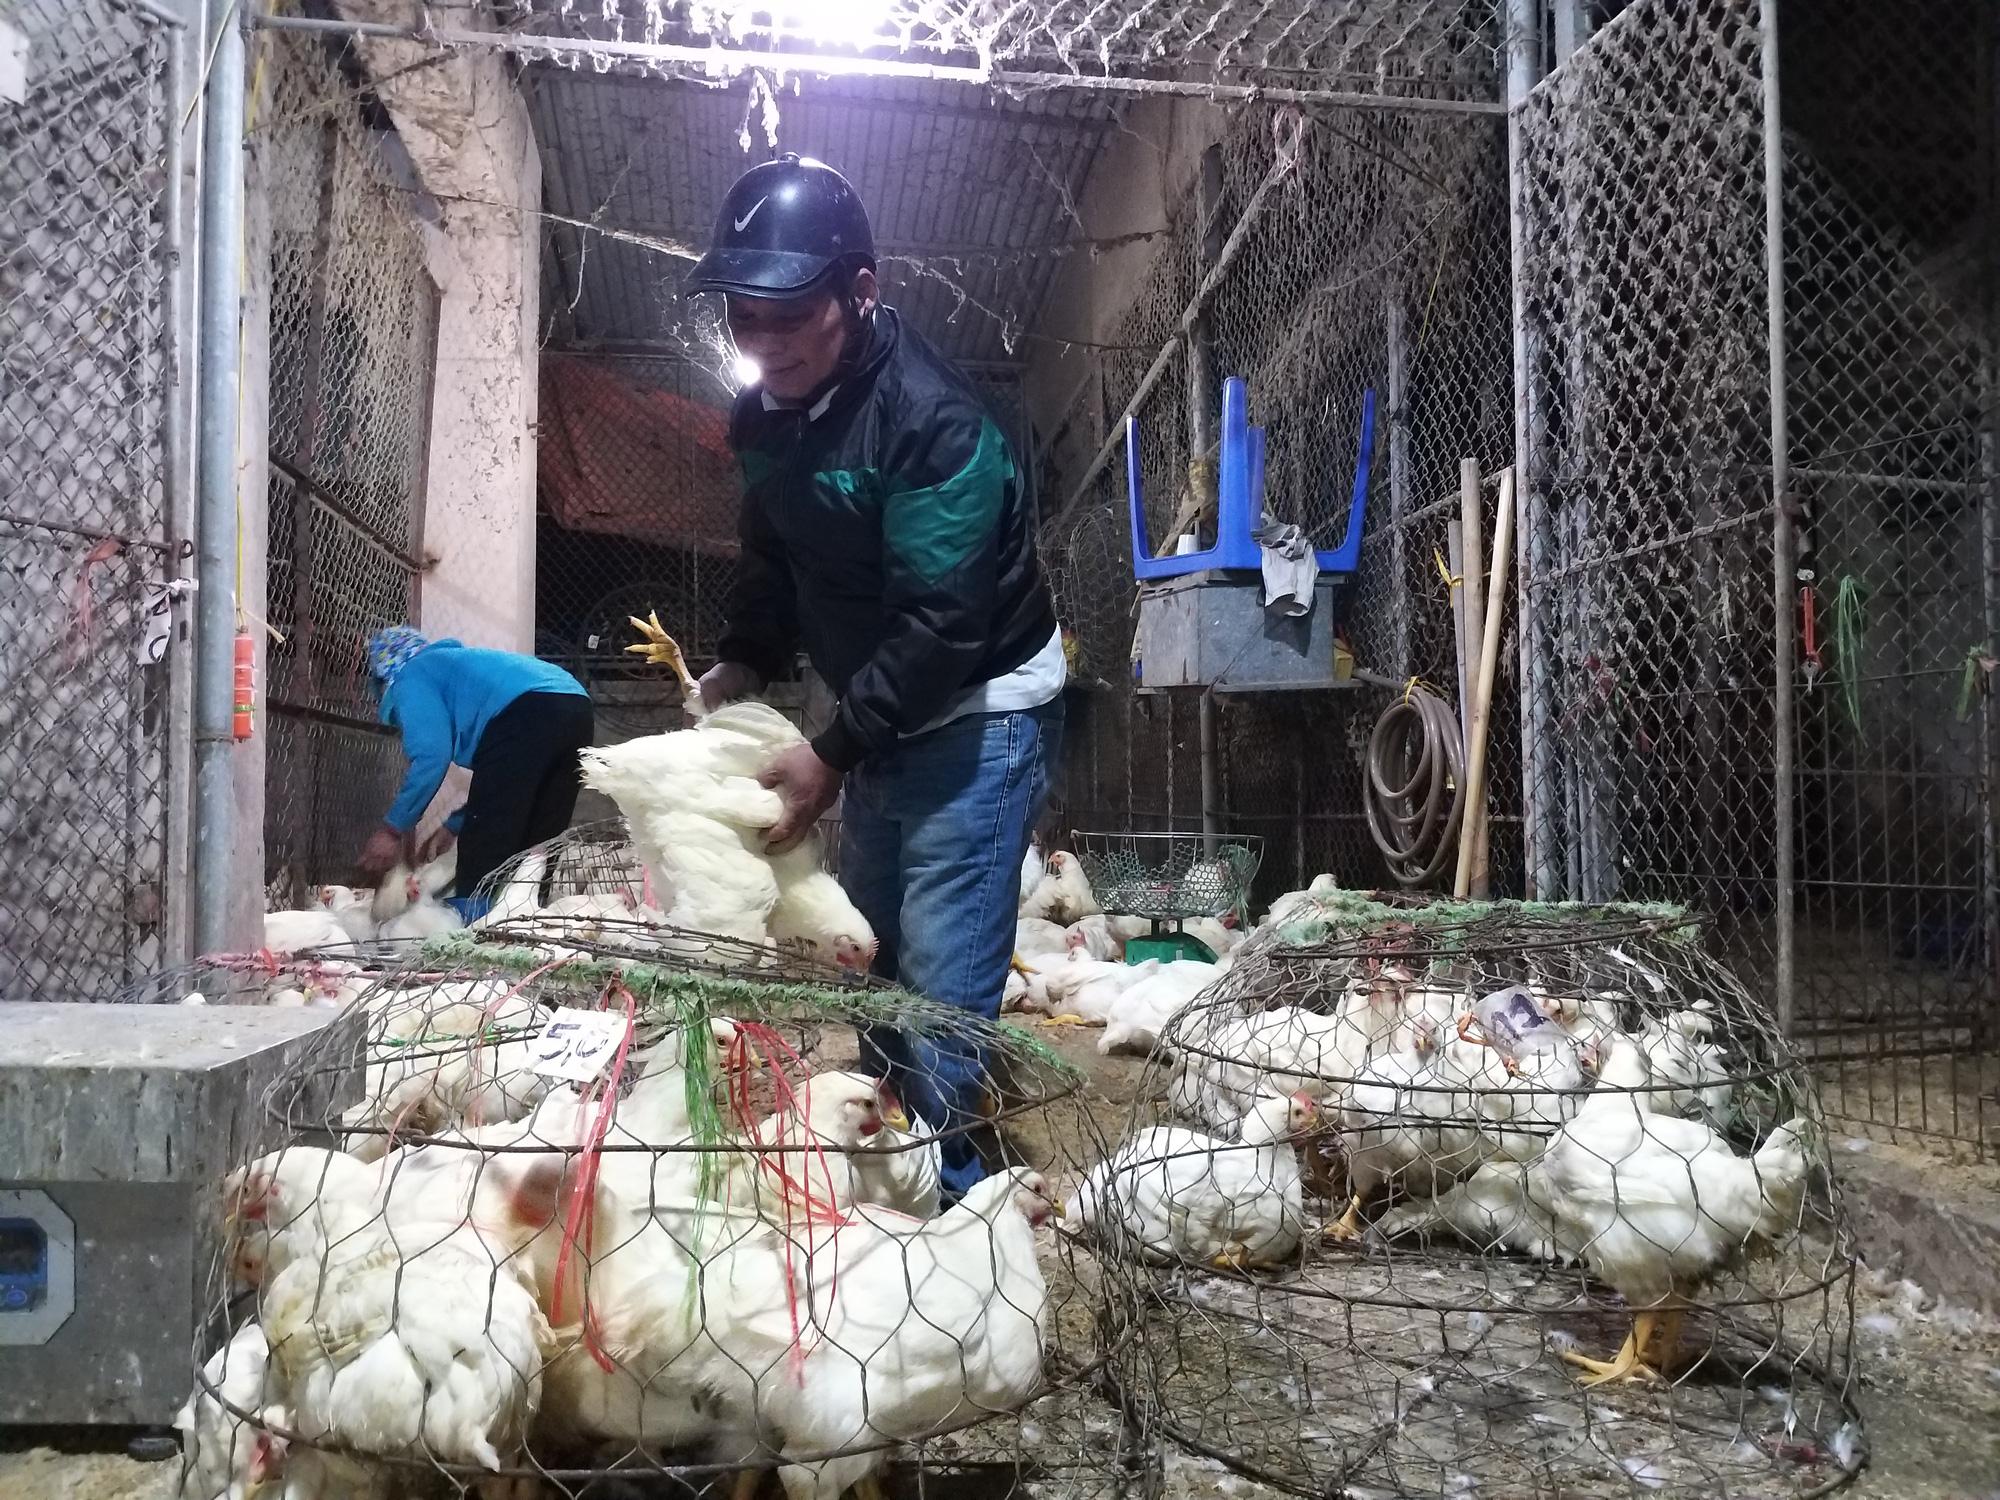 Giá gia cầm hôm nay 2/4: Giá vịt thịt miền Nam cao nhất cả nước, giá gà công nghiệp chững lại - Ảnh 1.